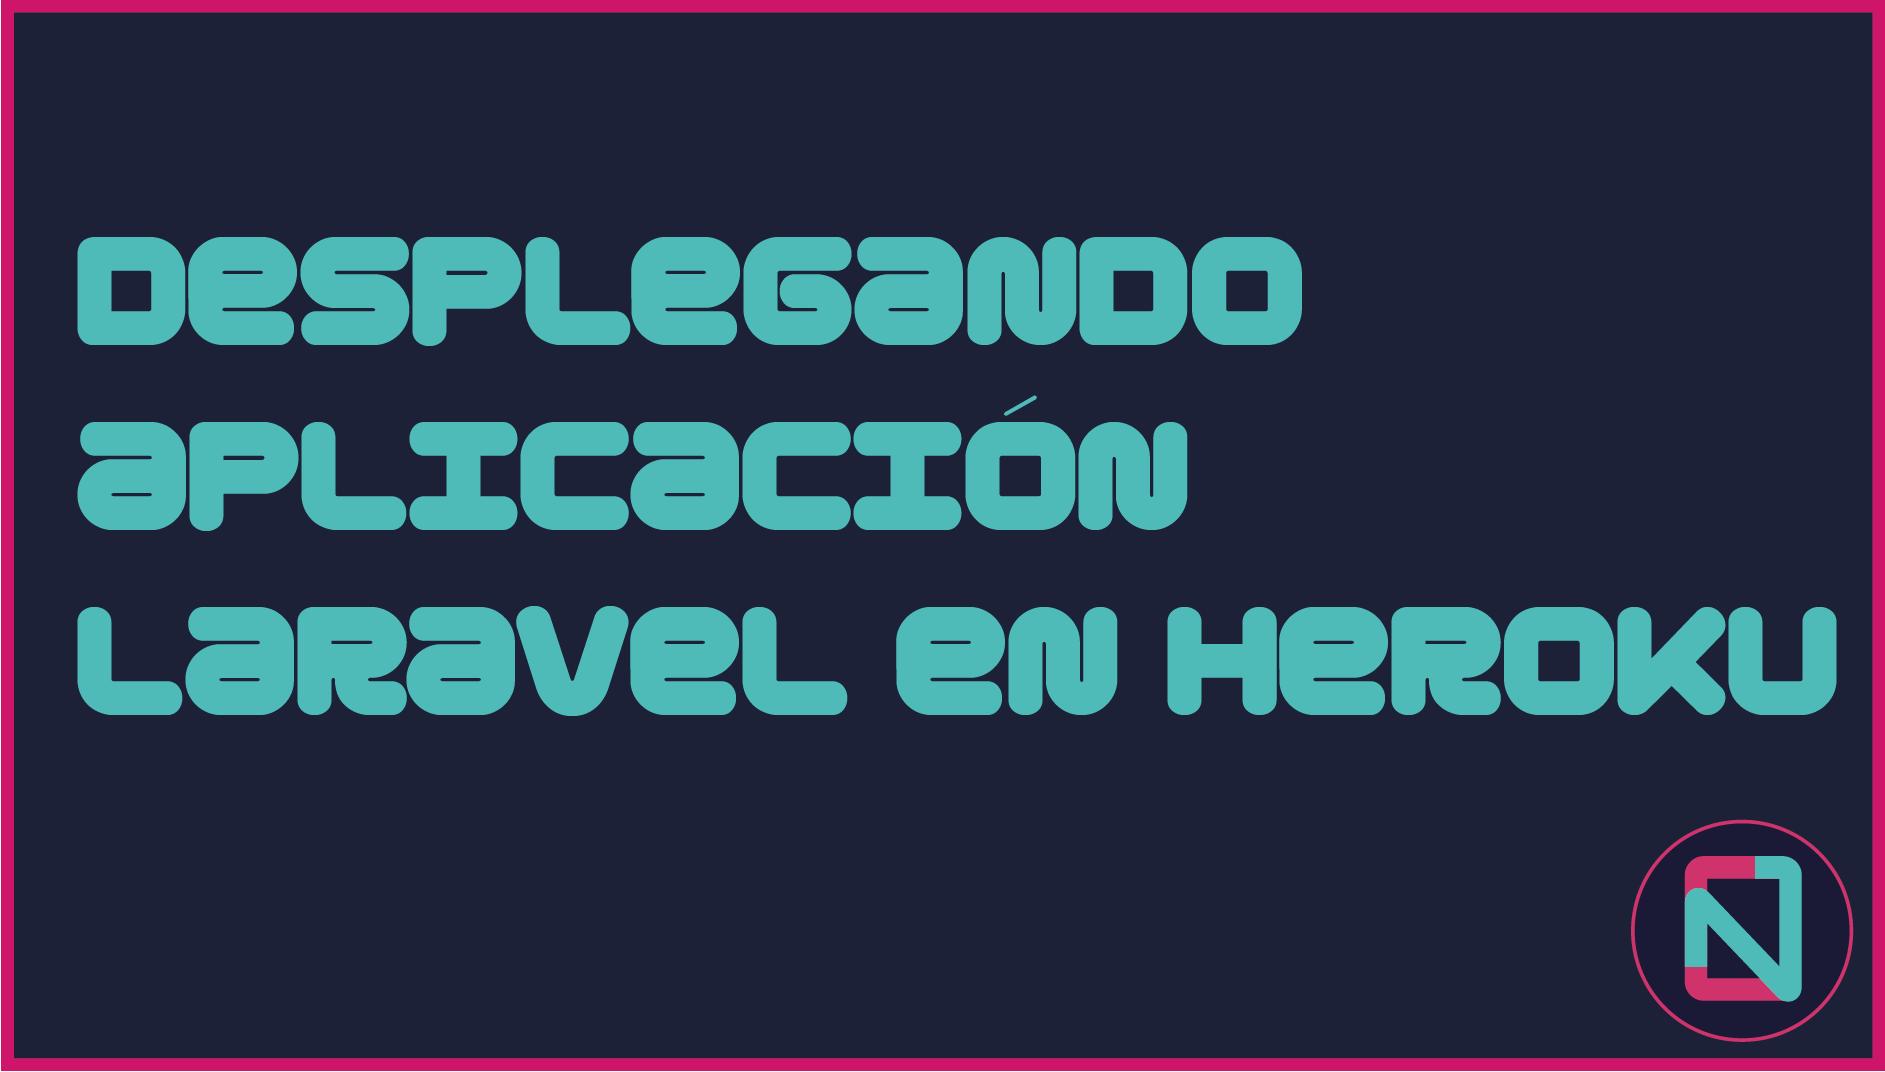 Desplegando aplicacion Laravel en heroku